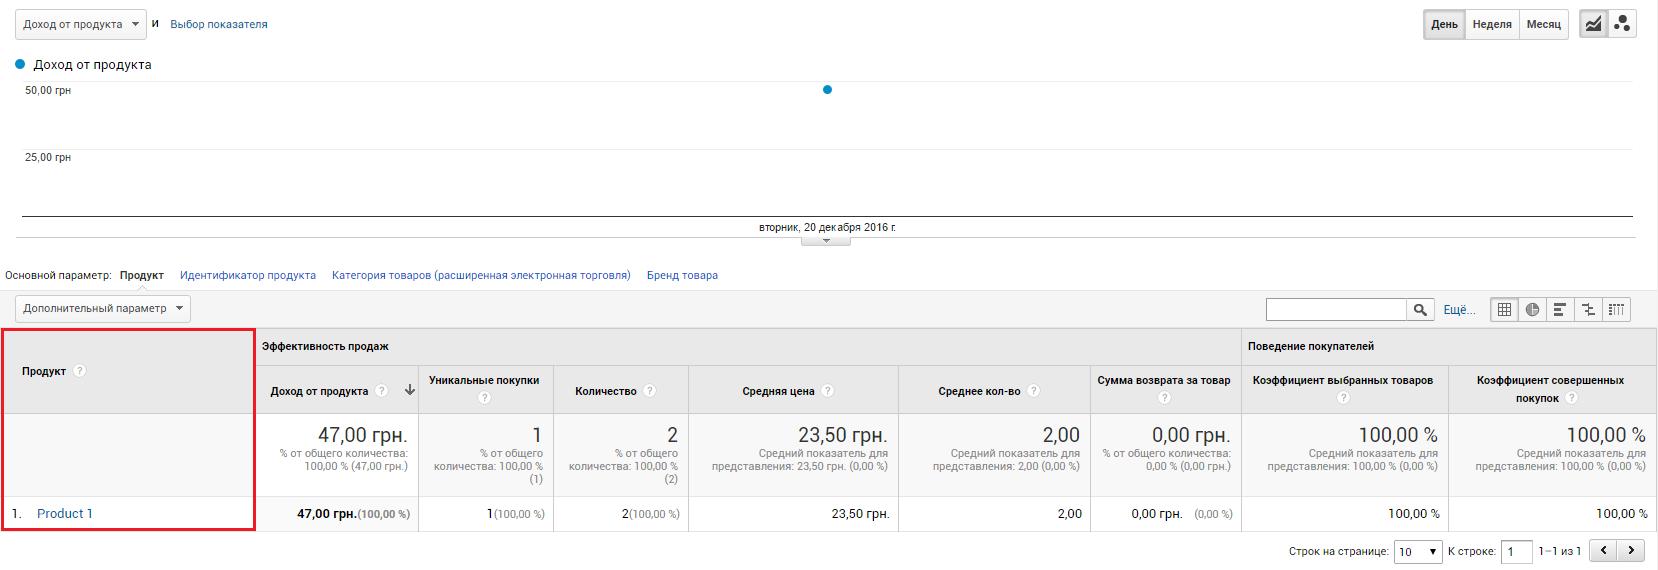 Электронная торговля Google Analytics — отчет «Эффективность товаров»